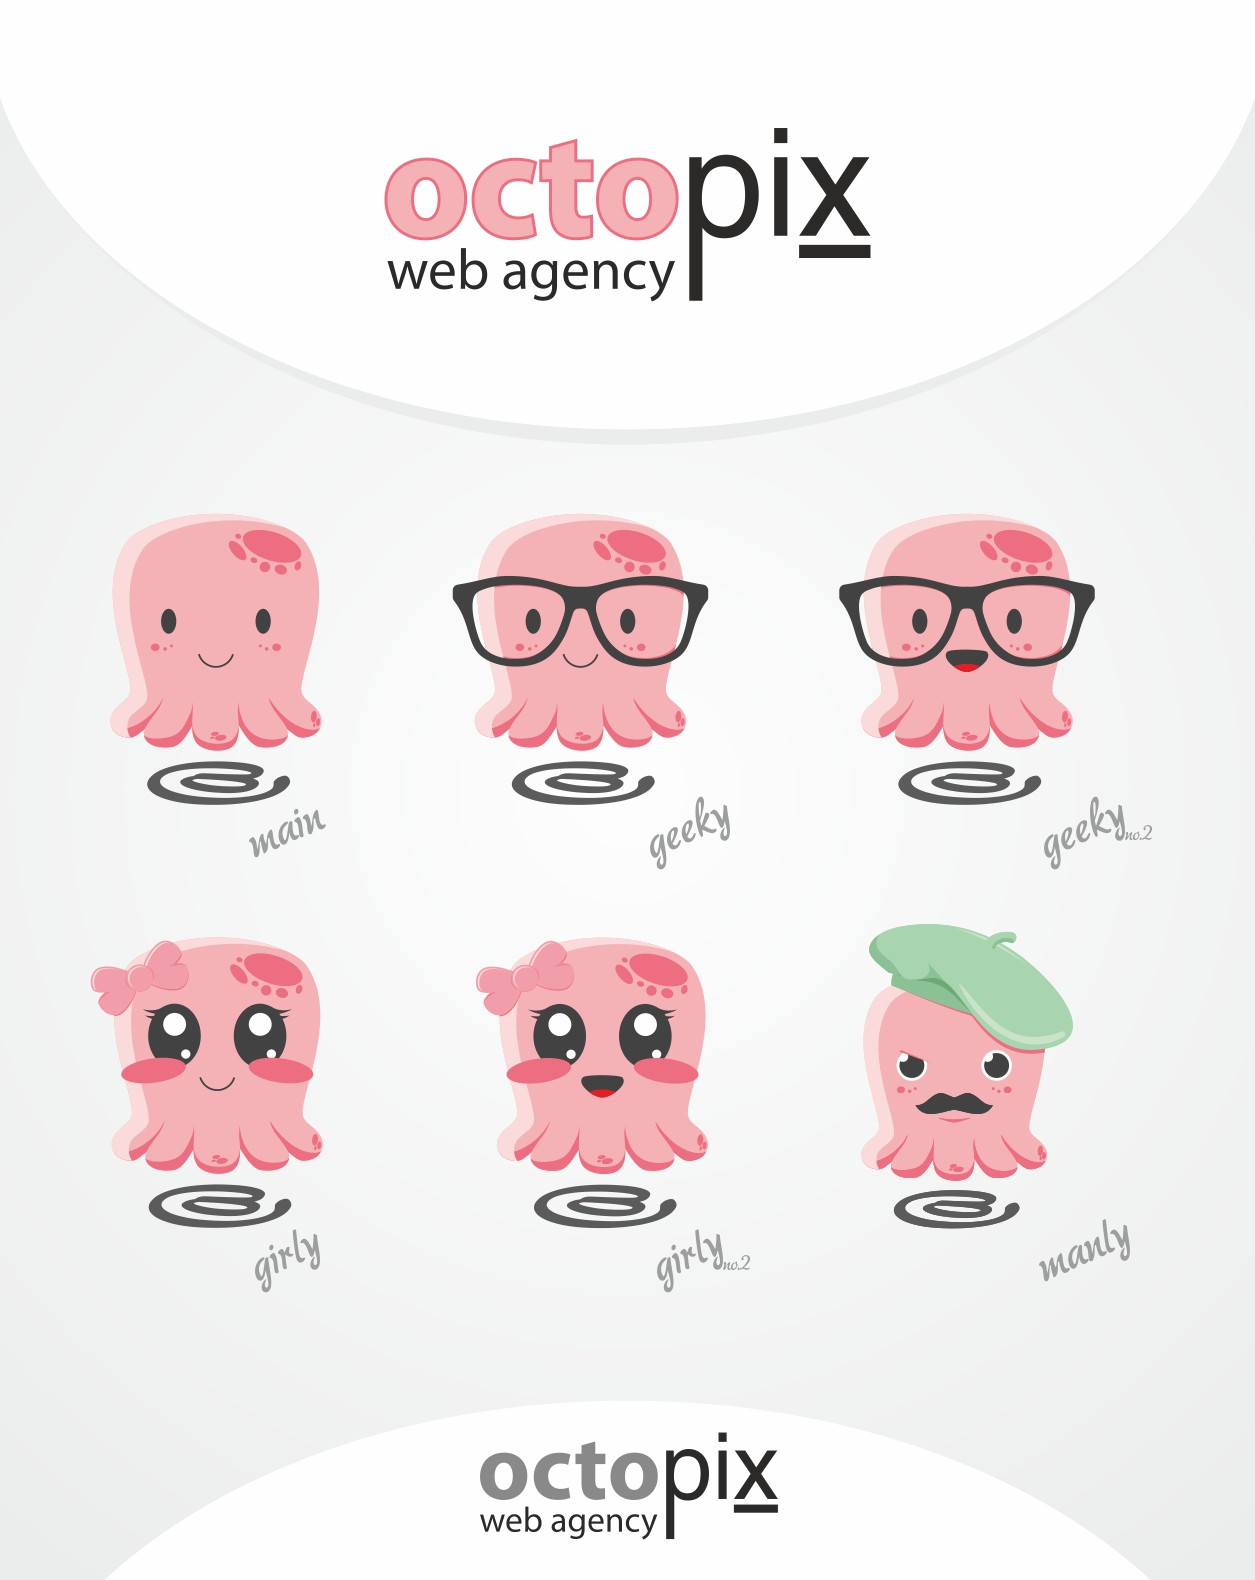 Create the next logo for Octopix